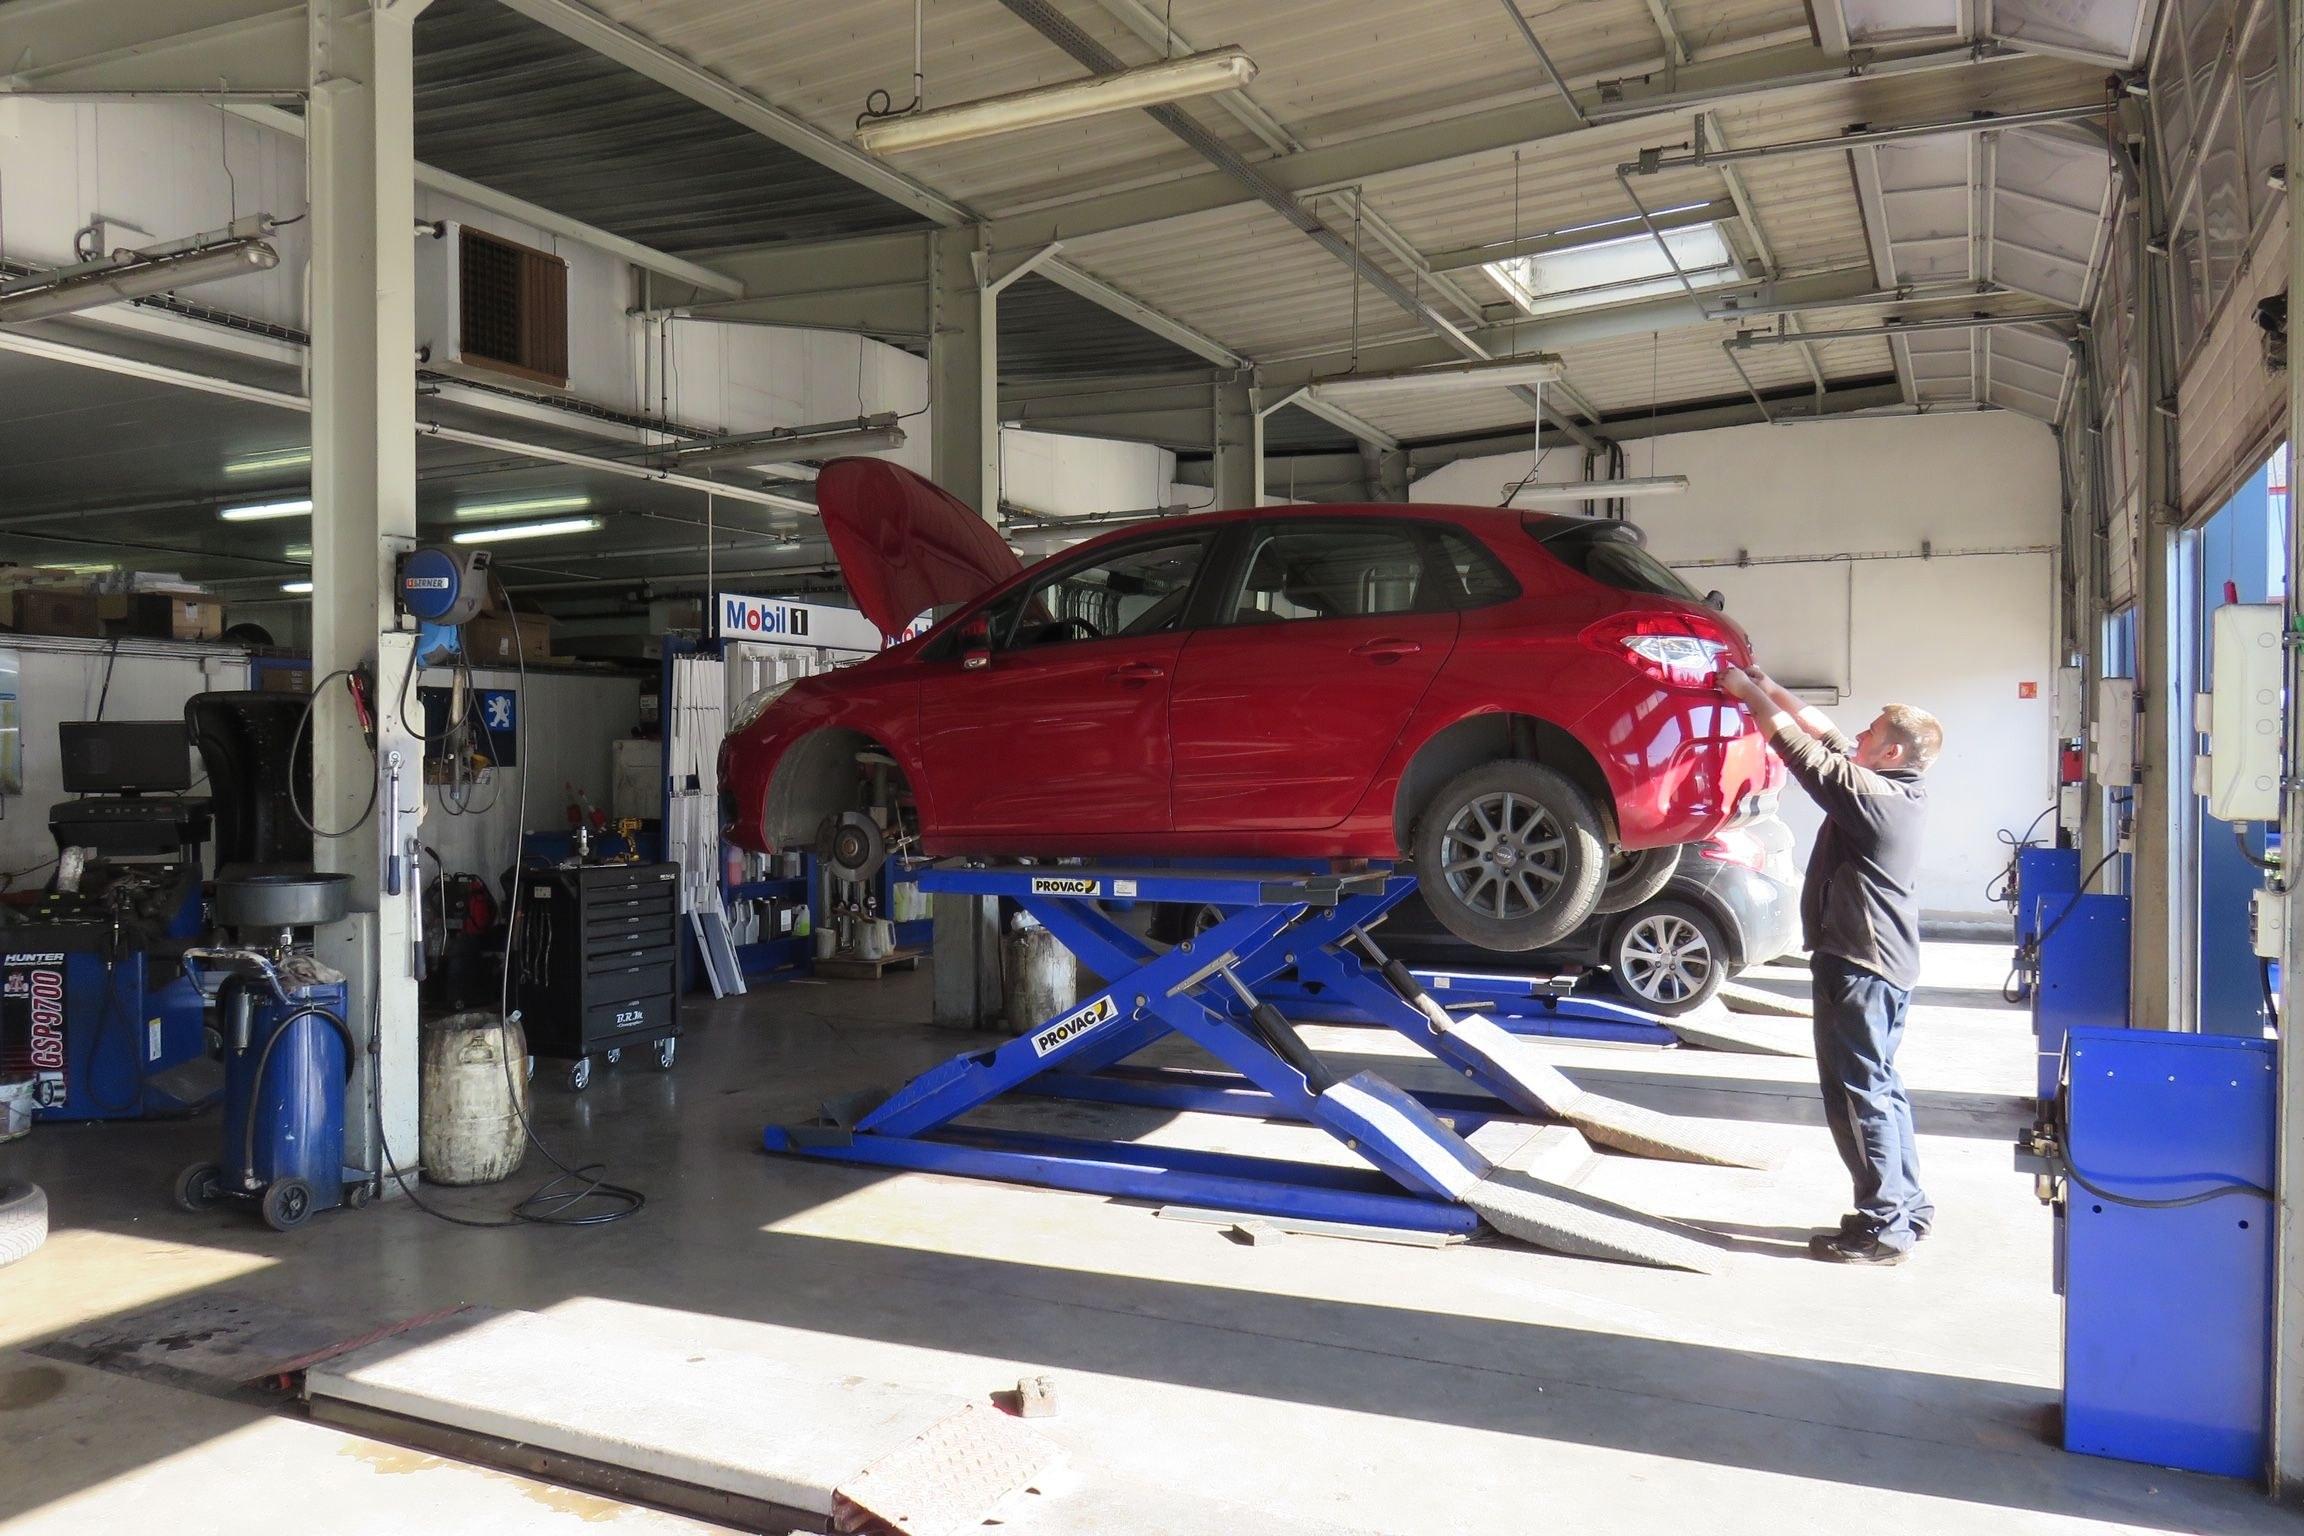 Atelier de mécanique automobile